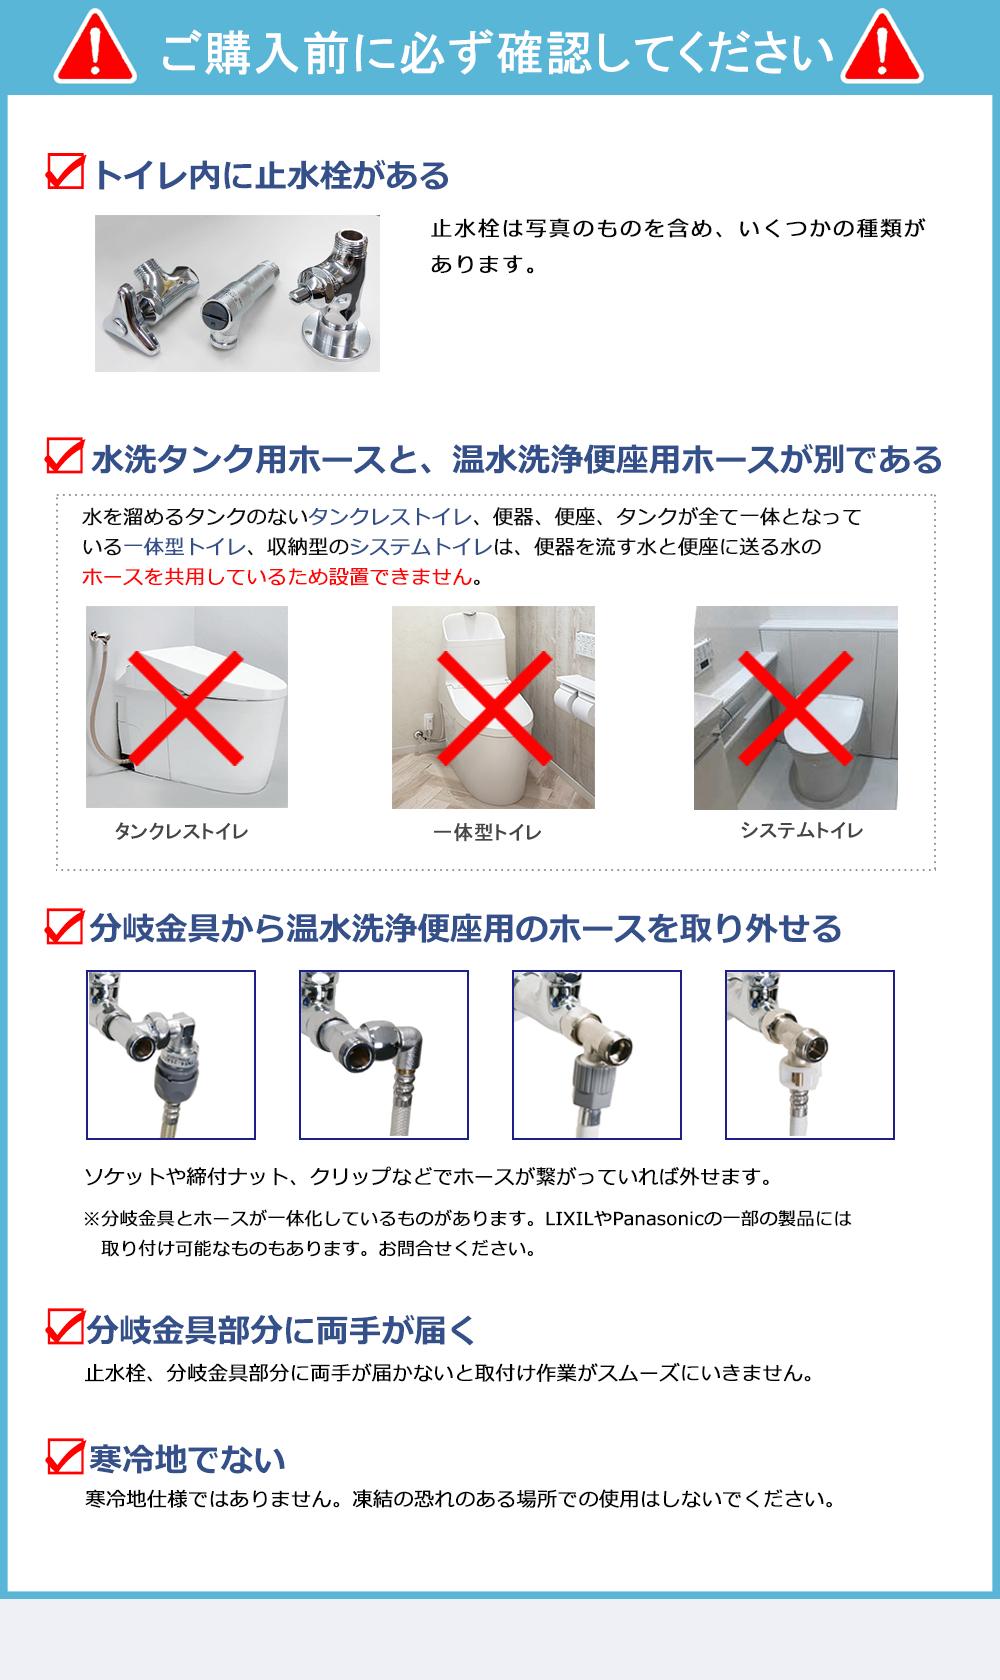 毎日使うトイレのお水を安全に 浄水便座の塩素を除去しましょう! 洗浄便座の塩素除去器 クリンワシュレ 設置条件